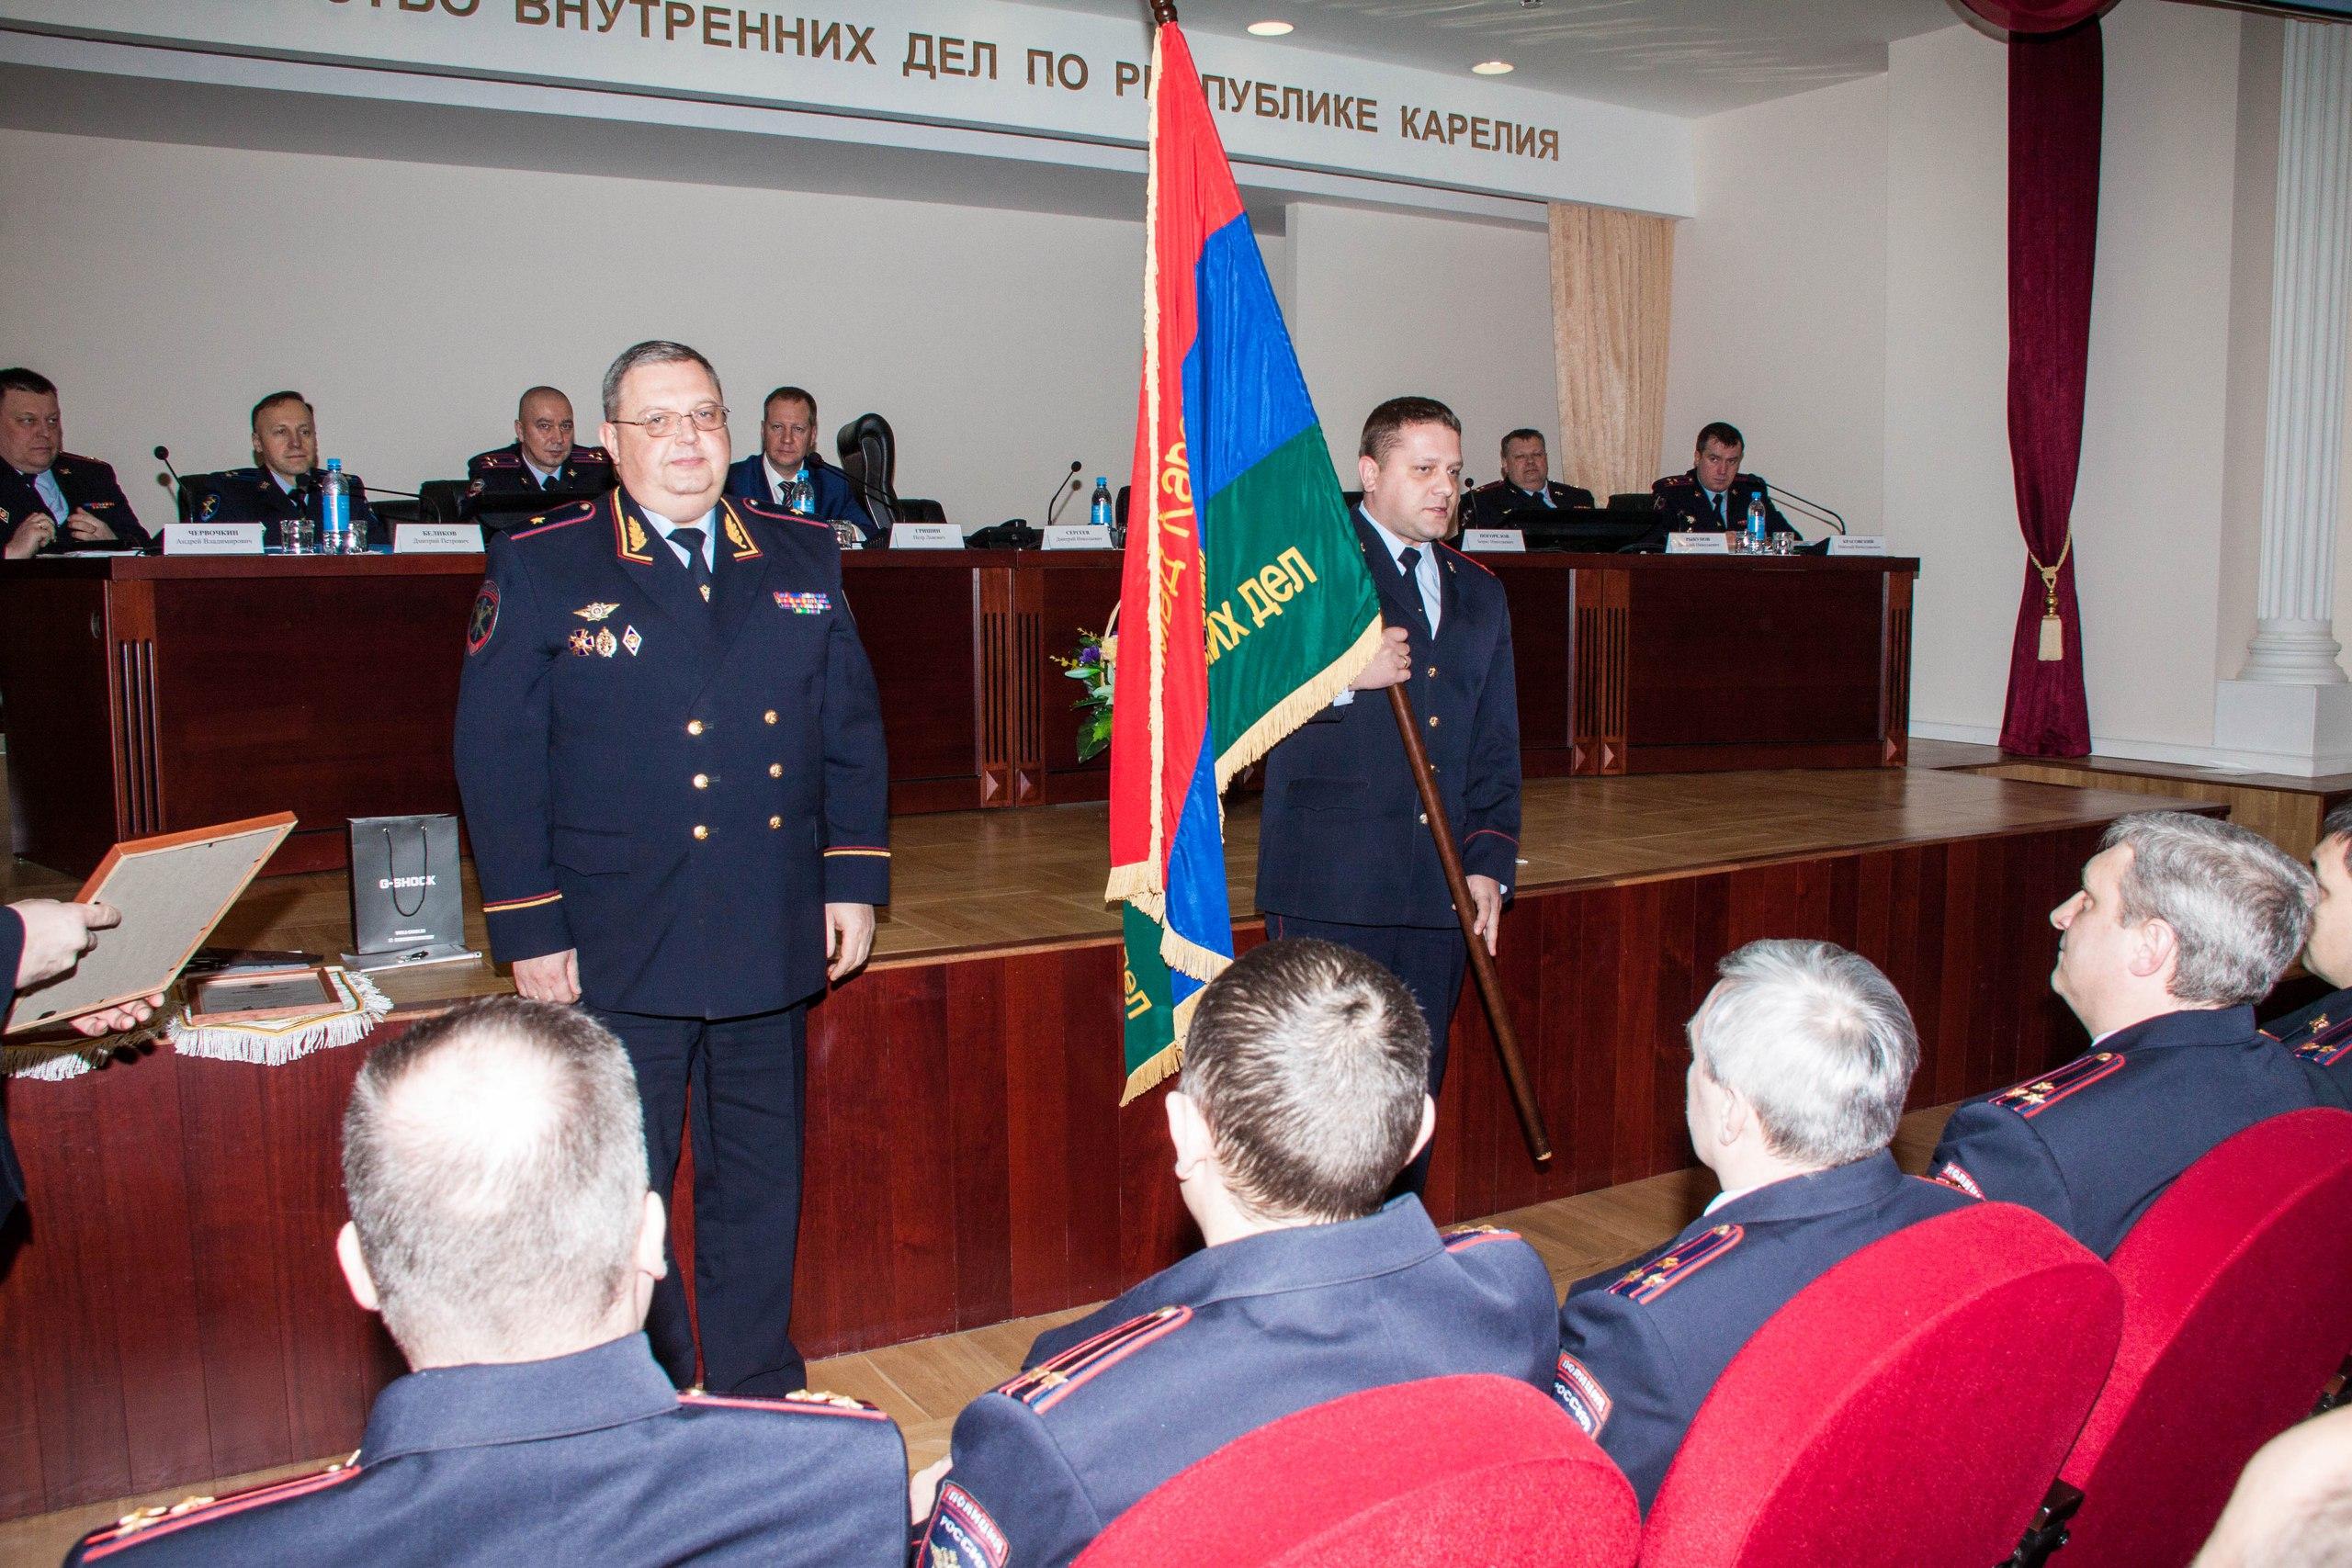 МВД Трусов полиция